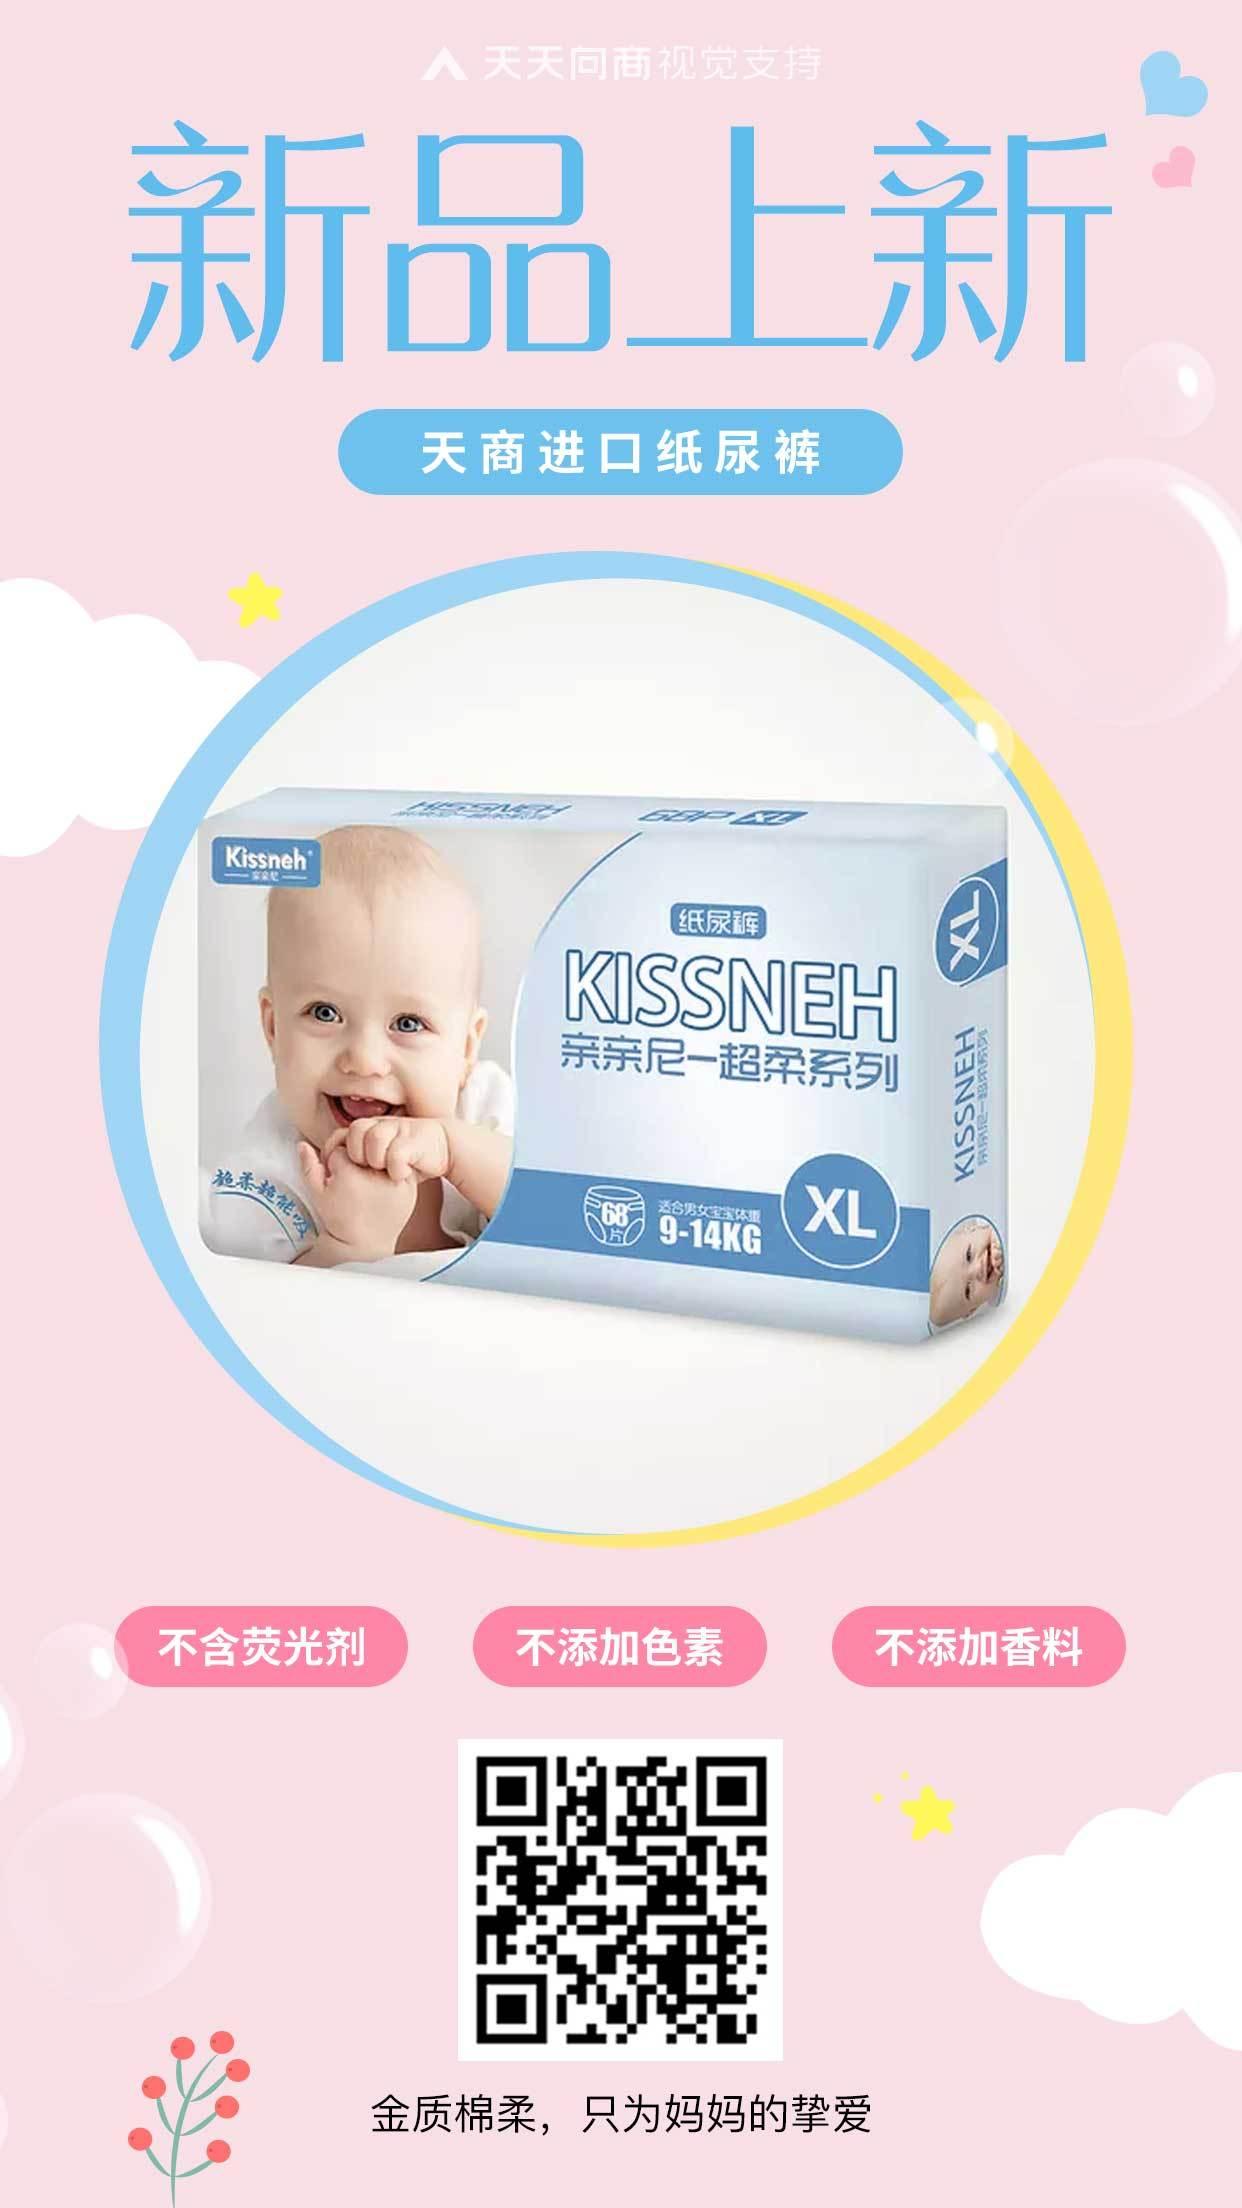 婴儿用品上新产品展示